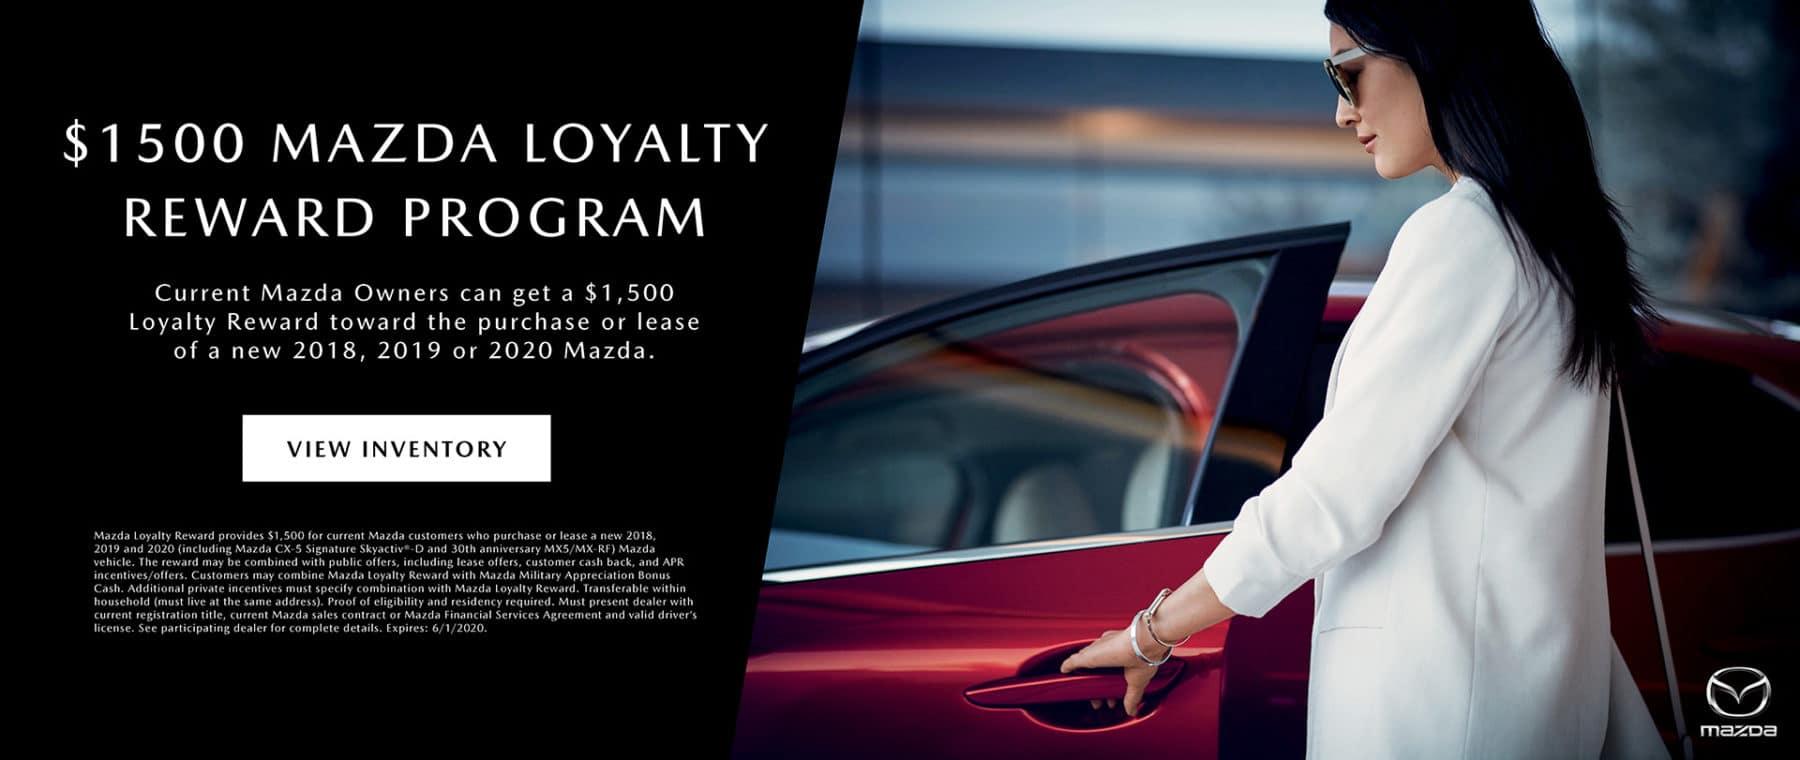 $1500 Mazda Loyalty Rewards Program